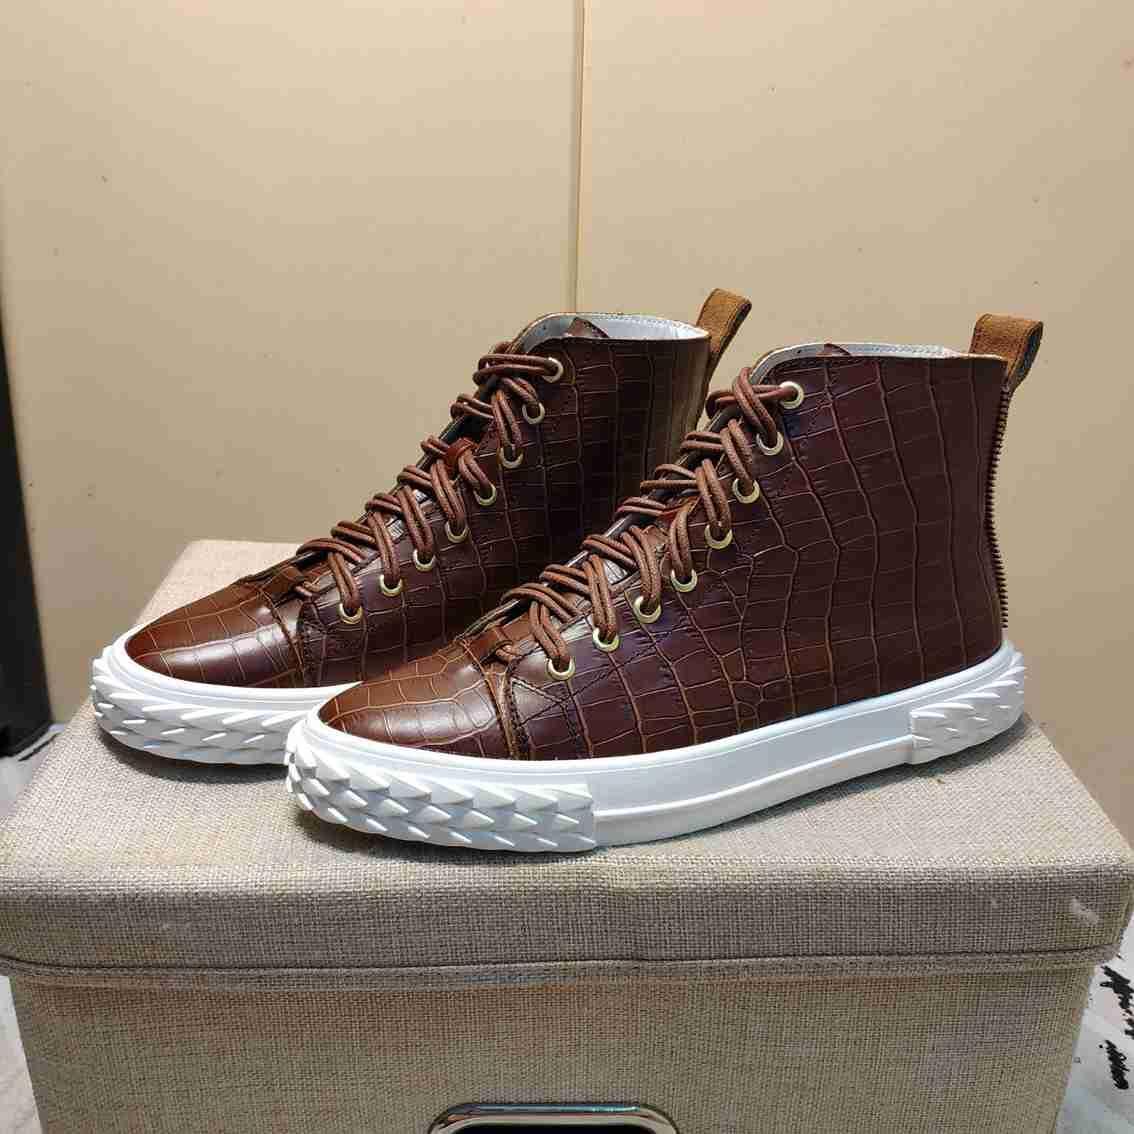 Gaobang pattini del bordo degli uomini di modo internazionali grandi designer di lusso di importazione di alta qualità scarpe di cuoio faccia casuali 38-44